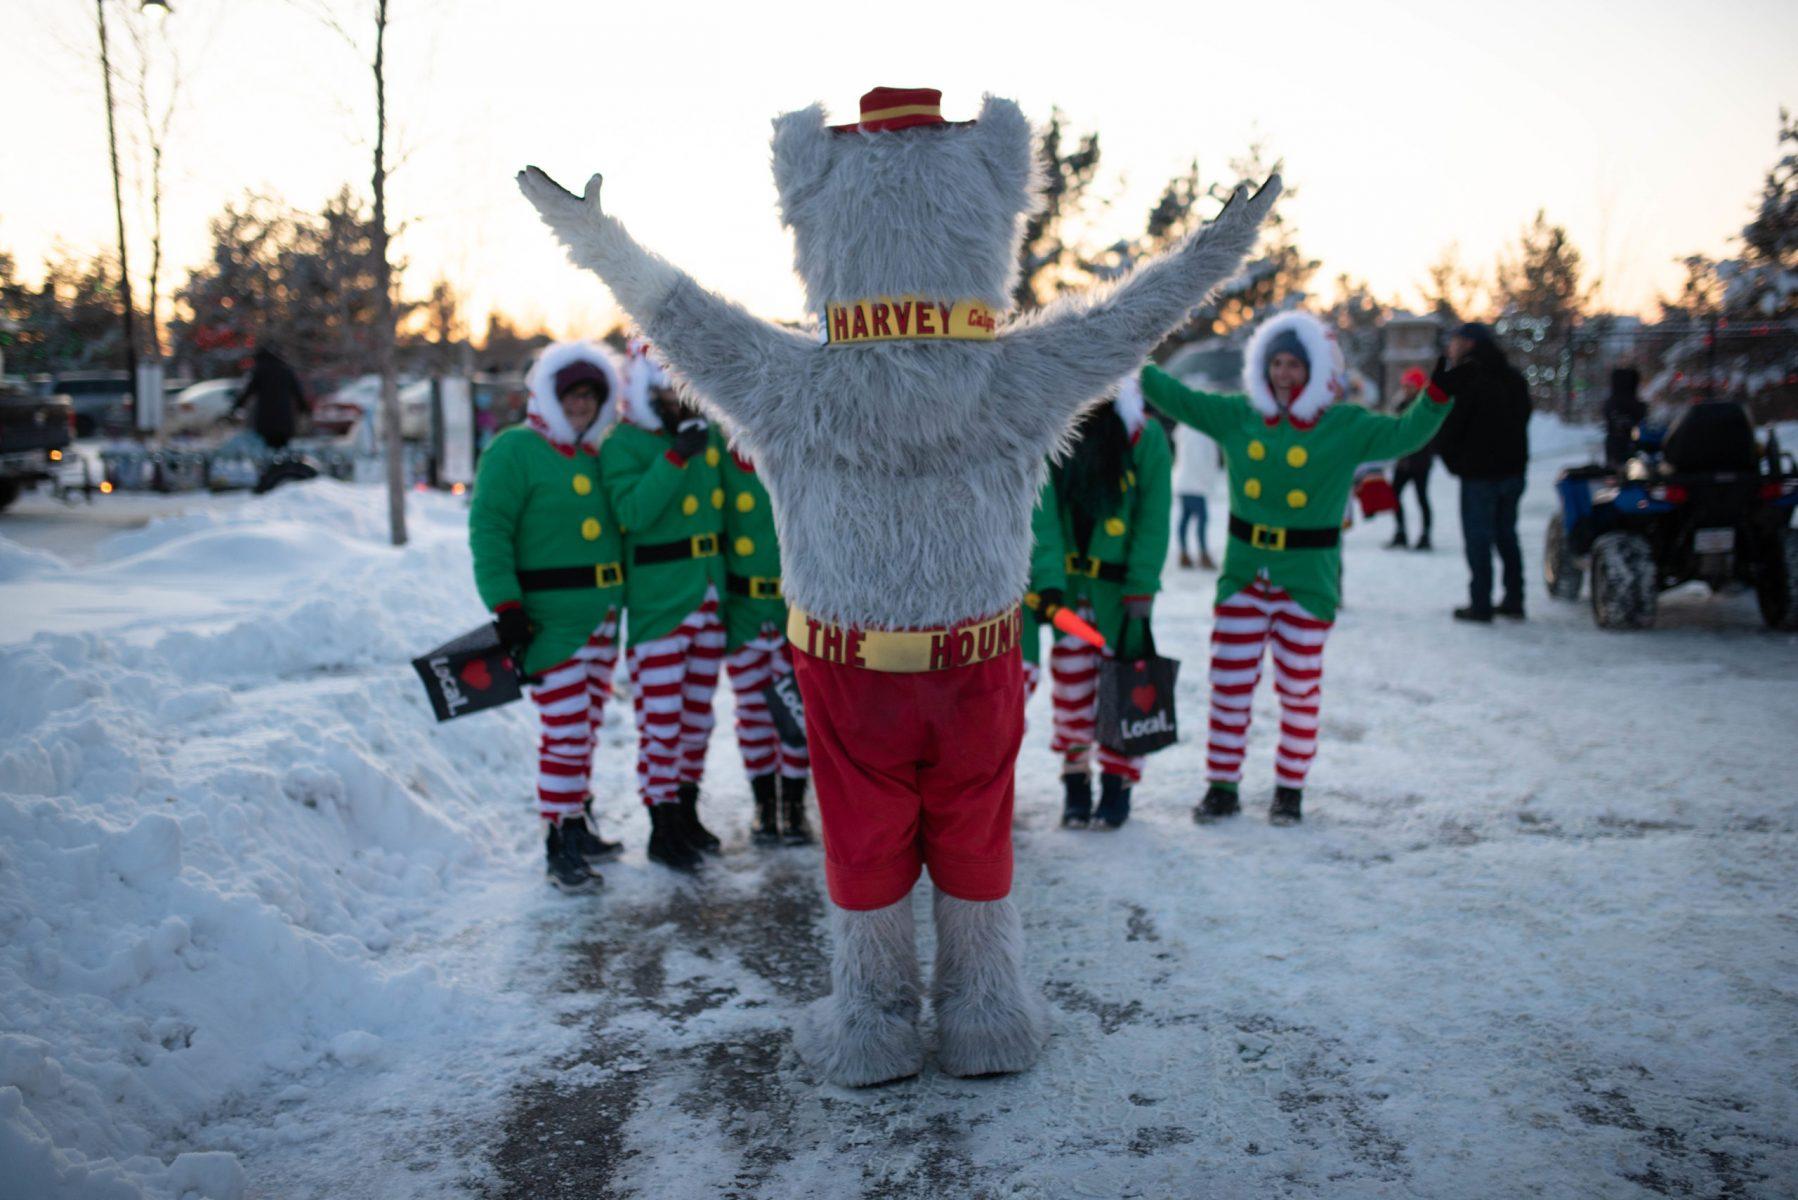 Auburn-Bay-Christmas-Parade-2019-33-scaled